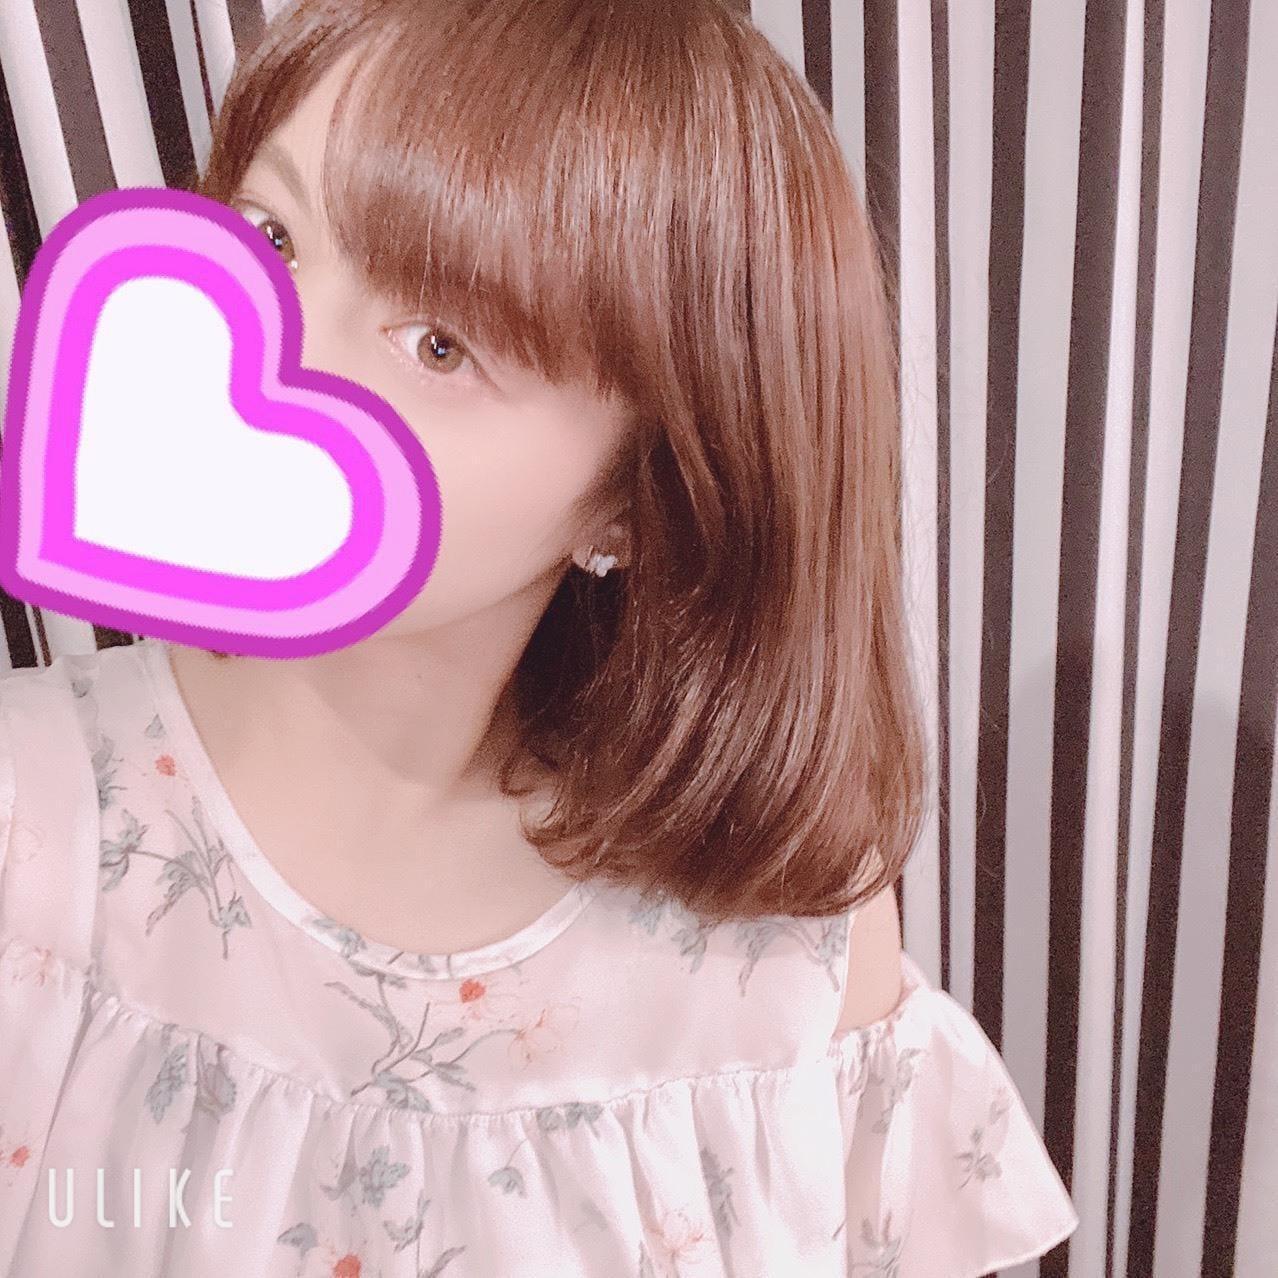 「感謝です」06/14日(月) 12:53 | るるの写メ・風俗動画